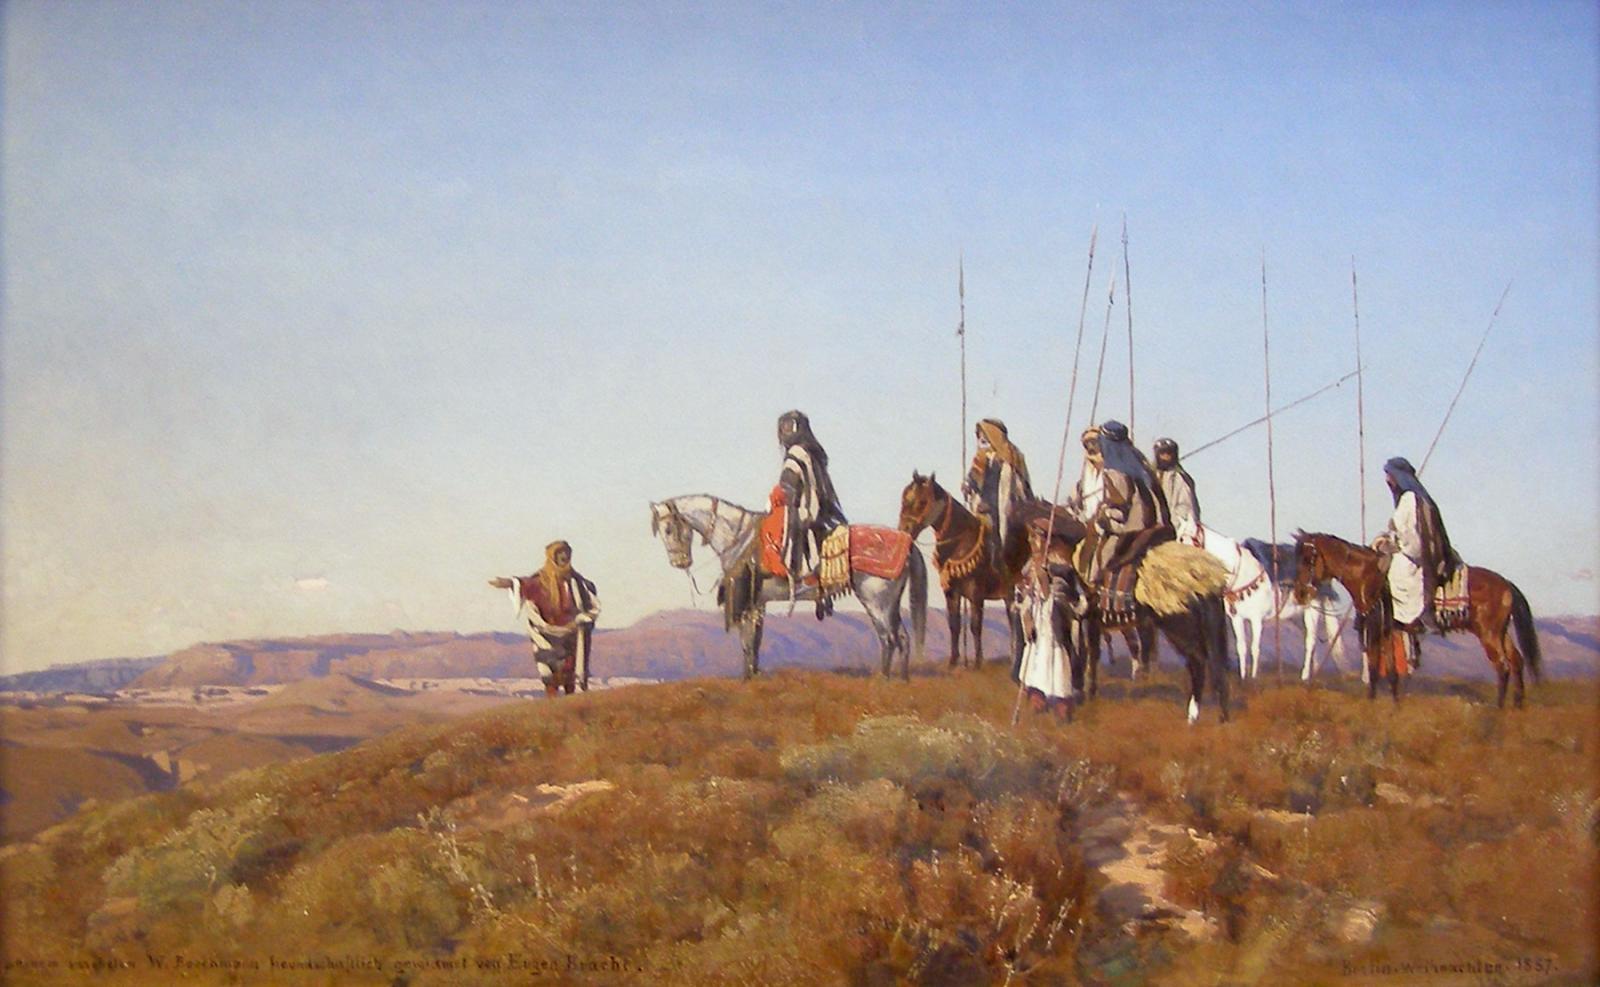 Arabian Knights in Yemen